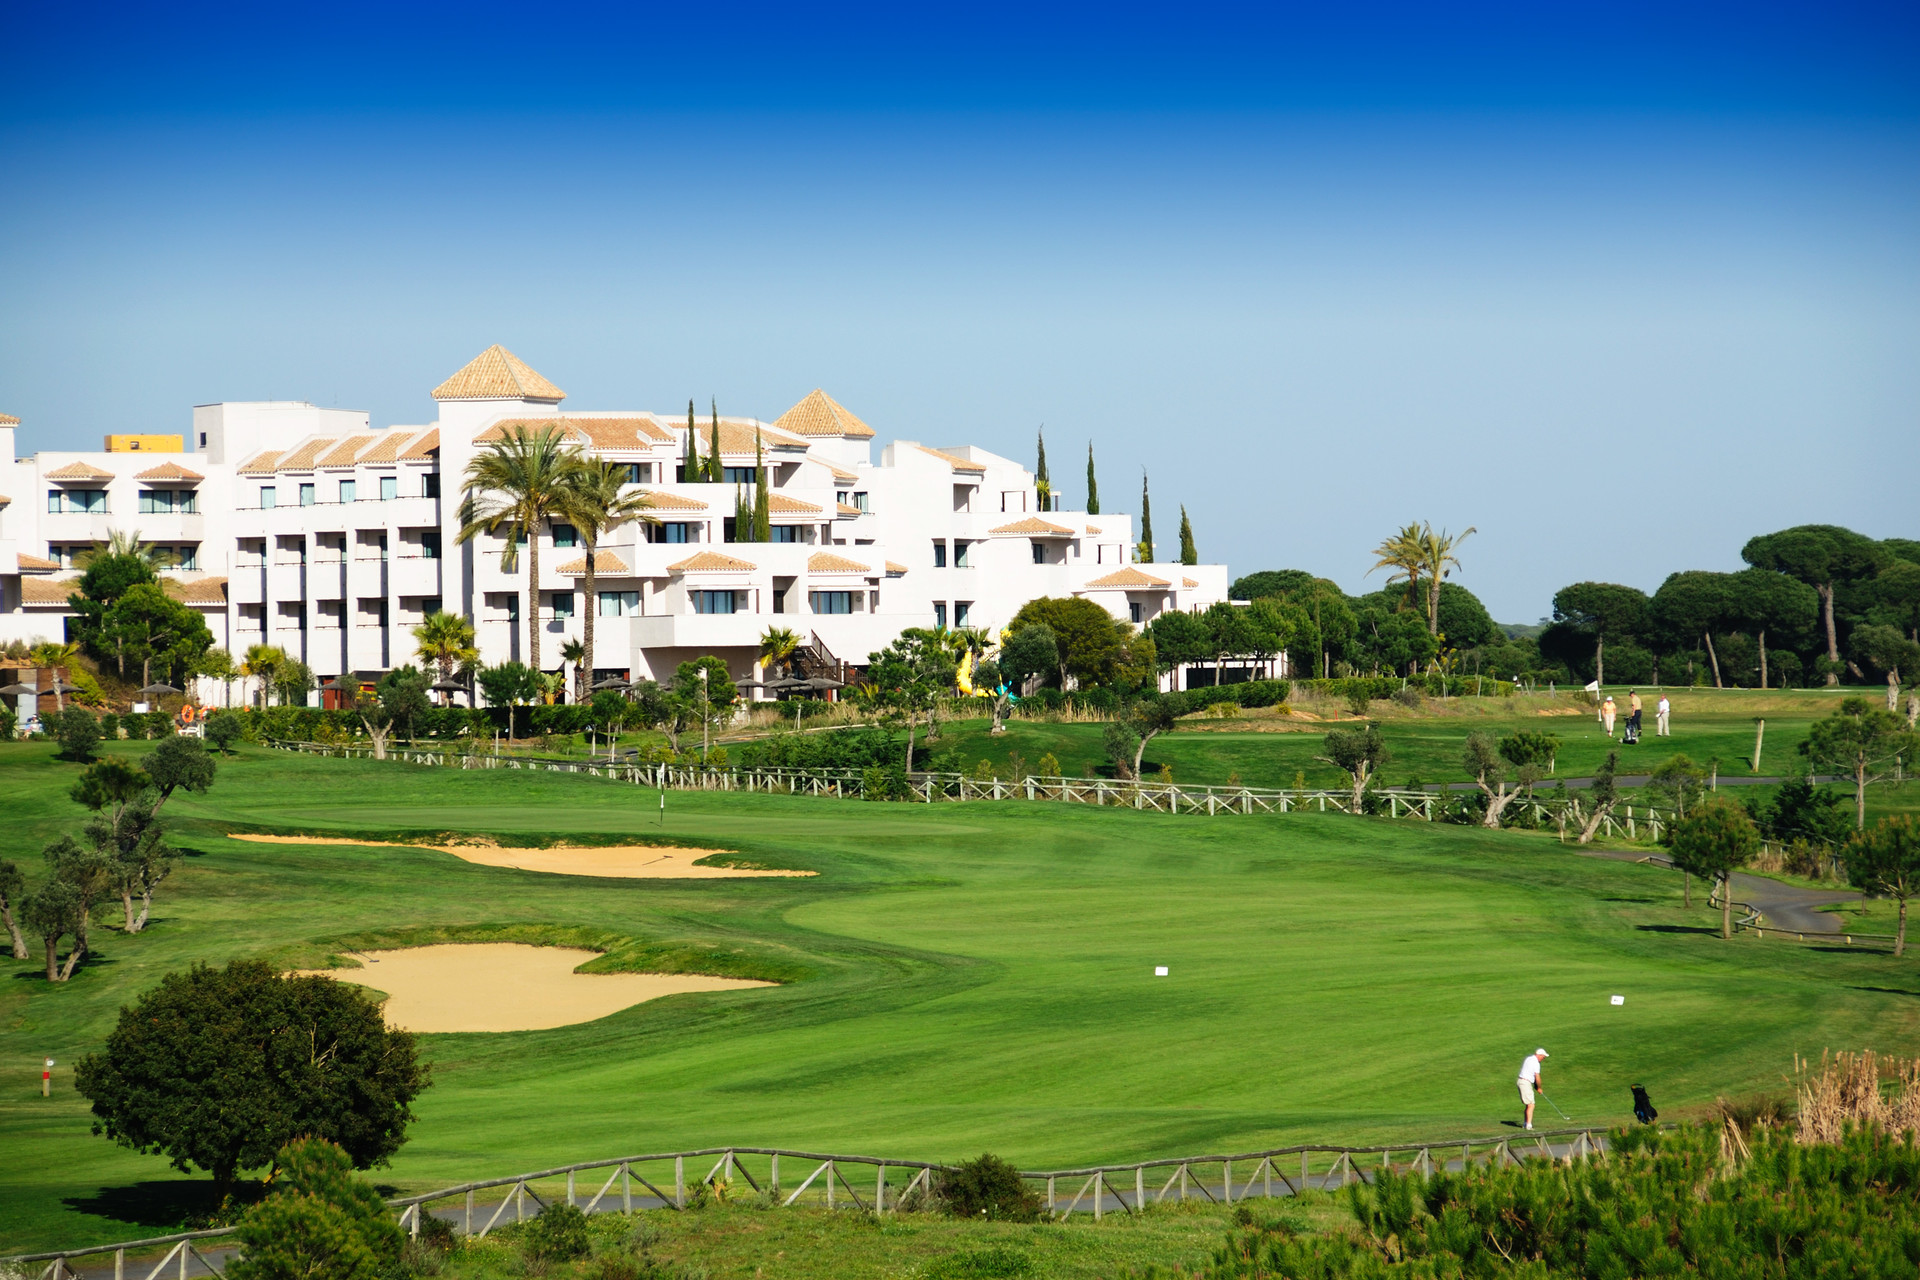 Golfreisebericht über Spanien, Andalusien - Precise Golf Resort El Rompido